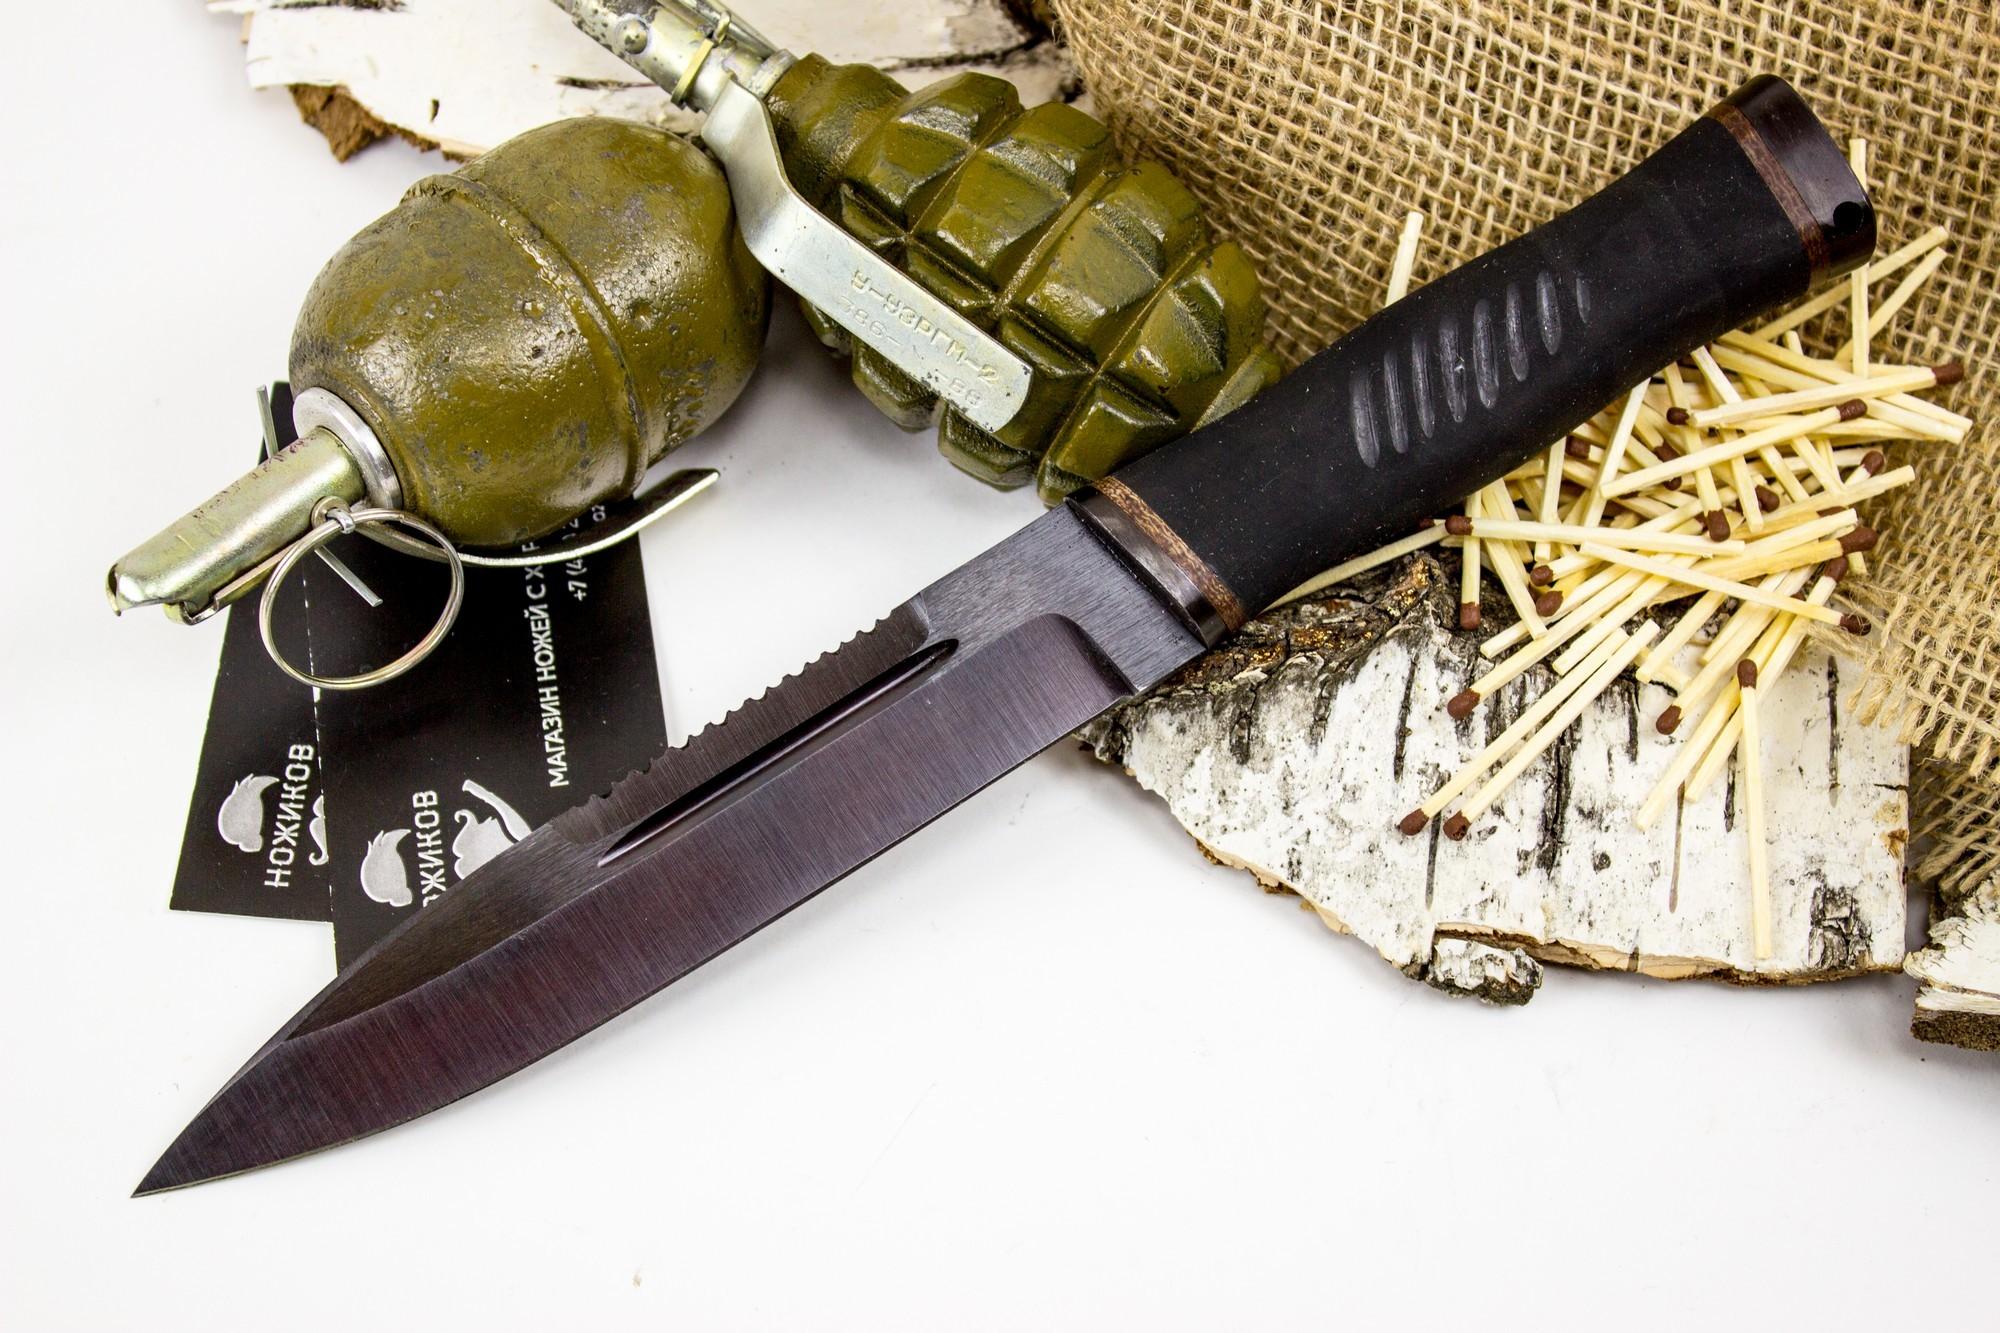 Нож Казак-2, сталь 65Г, резинаНожи разведчика НР, Финки НКВД<br>Нож Казак-2 понравится всем фанатам кинофильмов о Рембо. Нож обладает всеми характеристиками, которые делают его отличным претендентом на роль универсального ножа для всех видов активности: будь то выживание в дикой природе, охота на крупного зверя или ловля плотвы в ближайшем водоеме. Острый кончик ножа предназначен для выполнения колющих ударов. Обрезиненная рукоять уверенно фиксируется даже в мокрой руке, не позволяя пальцам соскользнуть на клинок. На обухе клинка расположены насечки, которые можно использовать в качестве пилы или в качестве инструмента для чистки рыбы.<br>